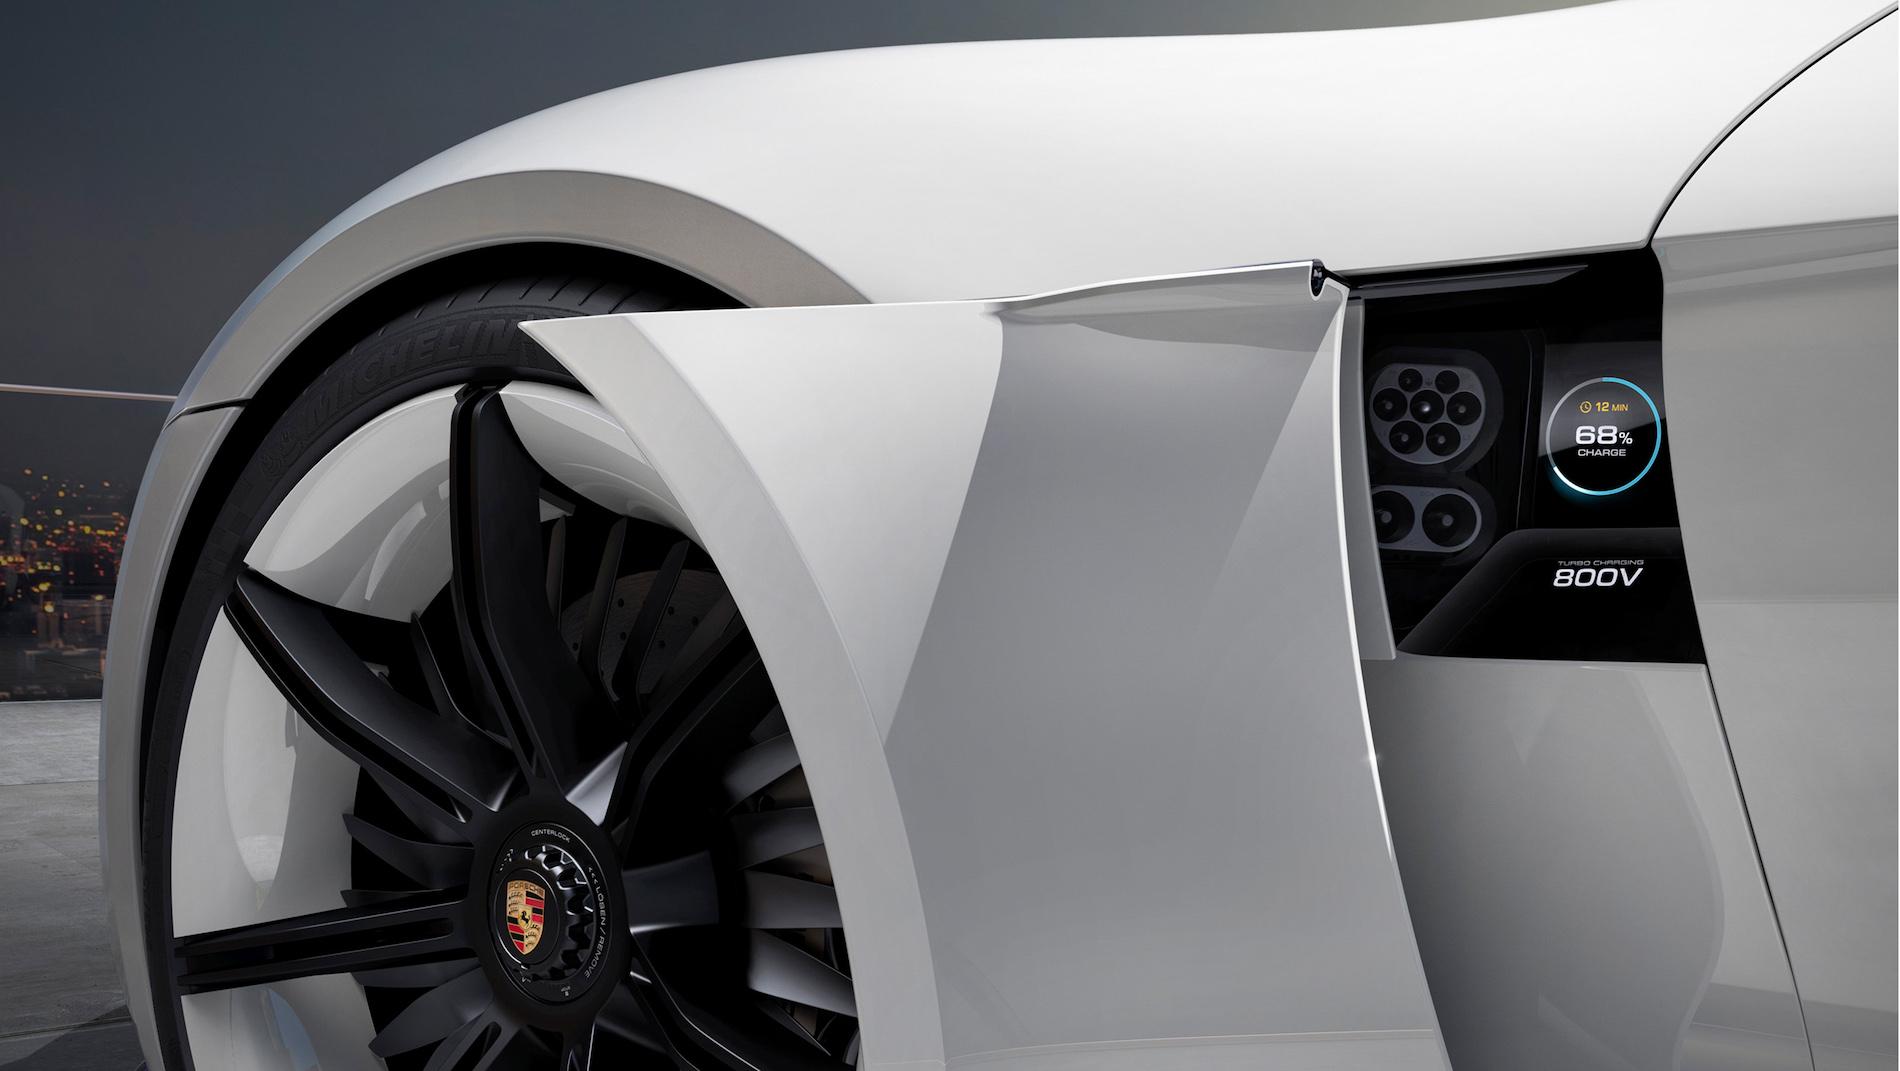 Porsche Taycan: Mehr als 20.000 Kaufinteressenten für den Elektro-Sportler von Porsche 3